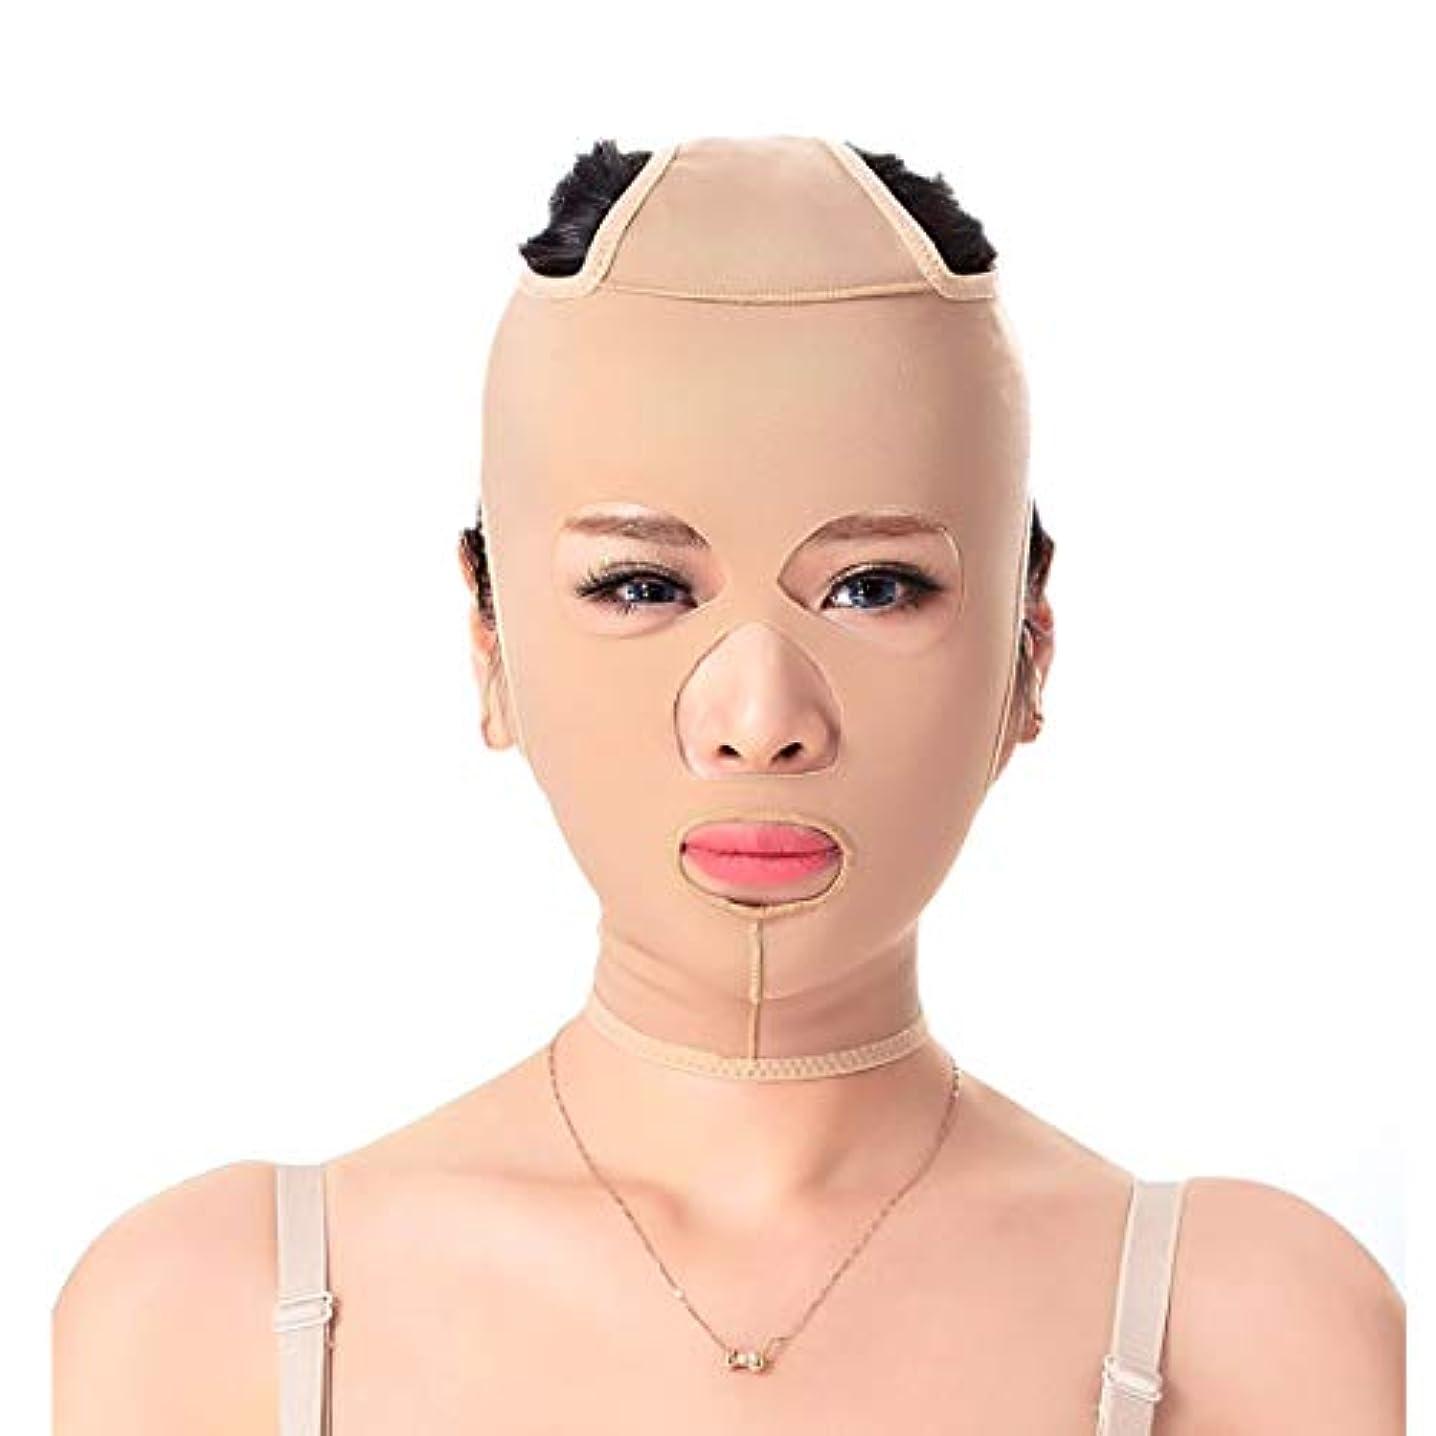 ランドリー設計図入り口GLJJQMY 減量ベルトマスクフェイスマスクマスクパターン強化二重あご引き締め顔面顔面強力なフェイスリフティング包帯 顔用整形マスク (Size : XXL)